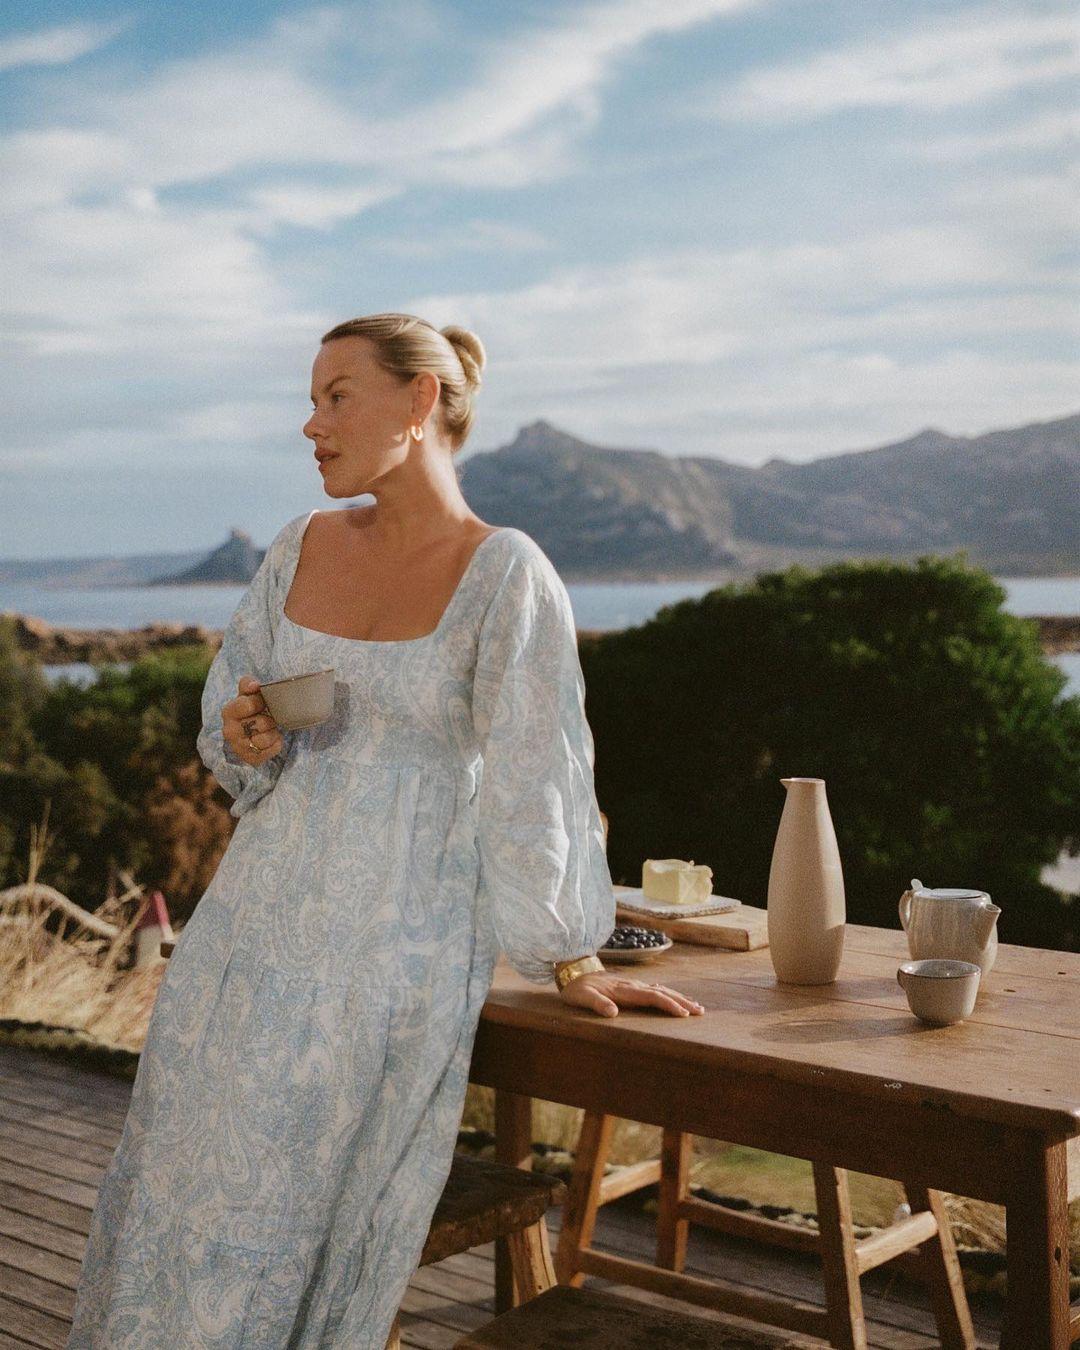 Women wearing a dress on a balcony